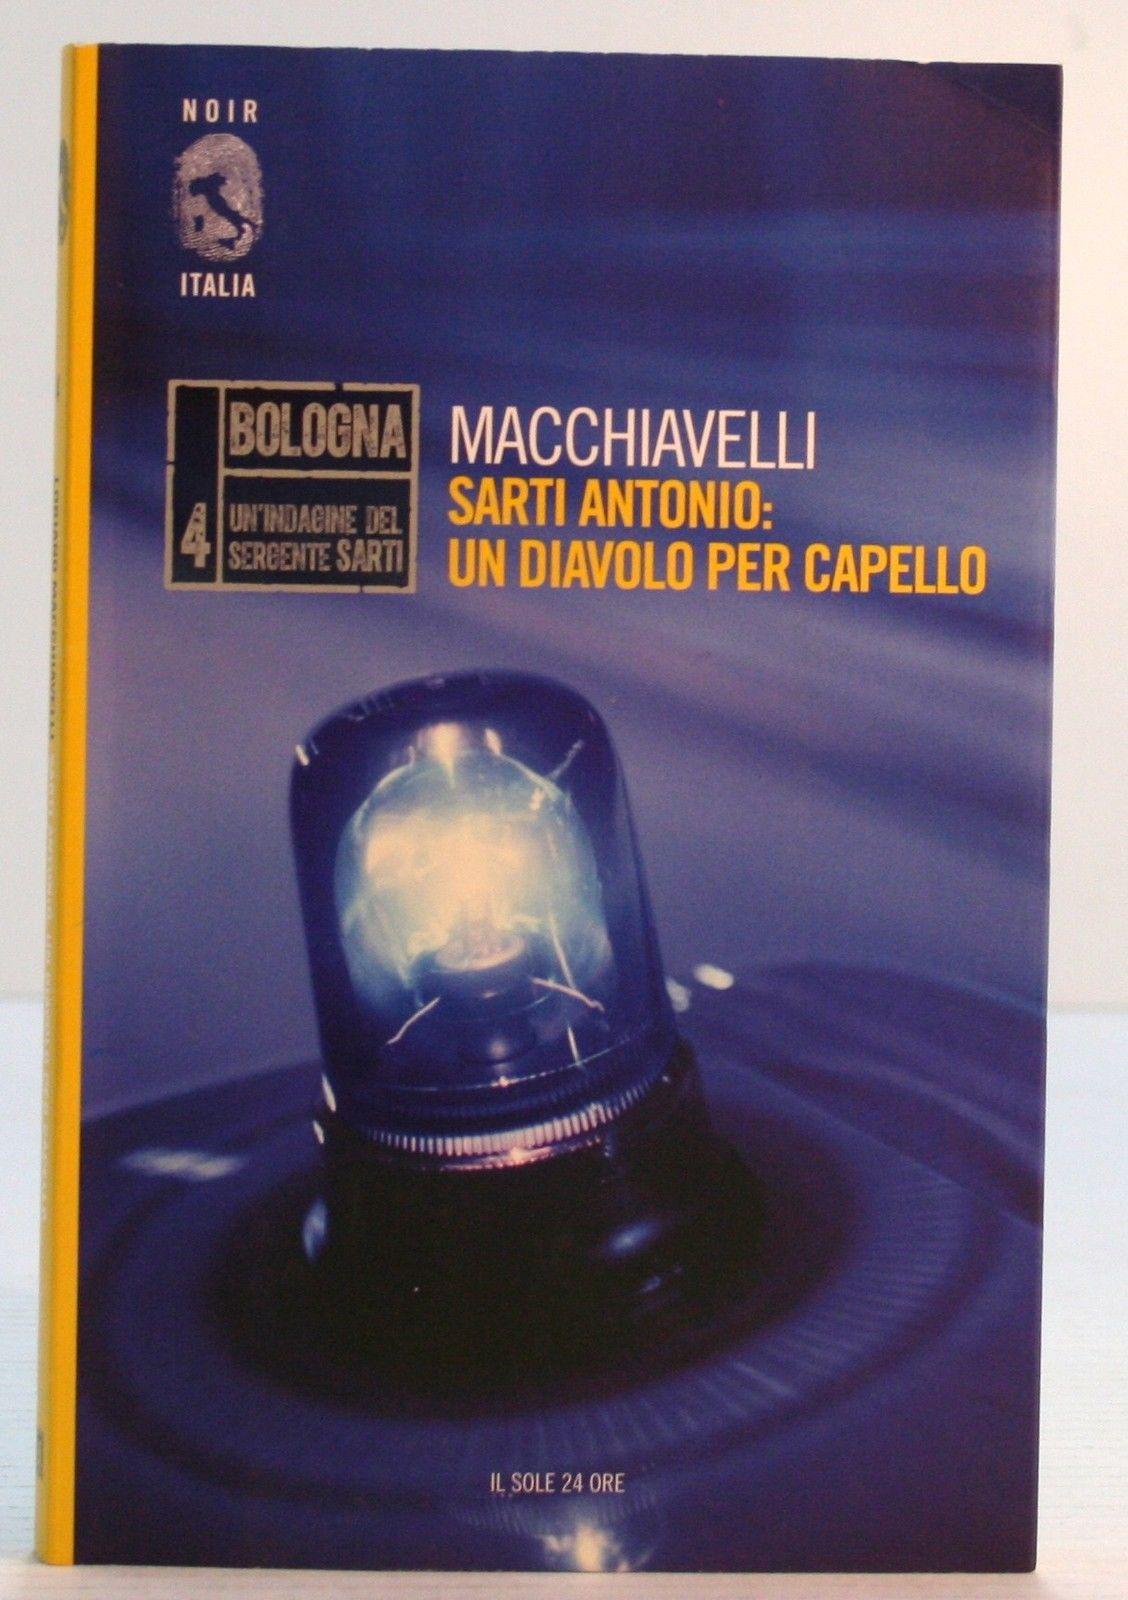 Sarti Antonio  un diavolo per capello - Loriano Macchiavelli - 15 ... cd561295f995